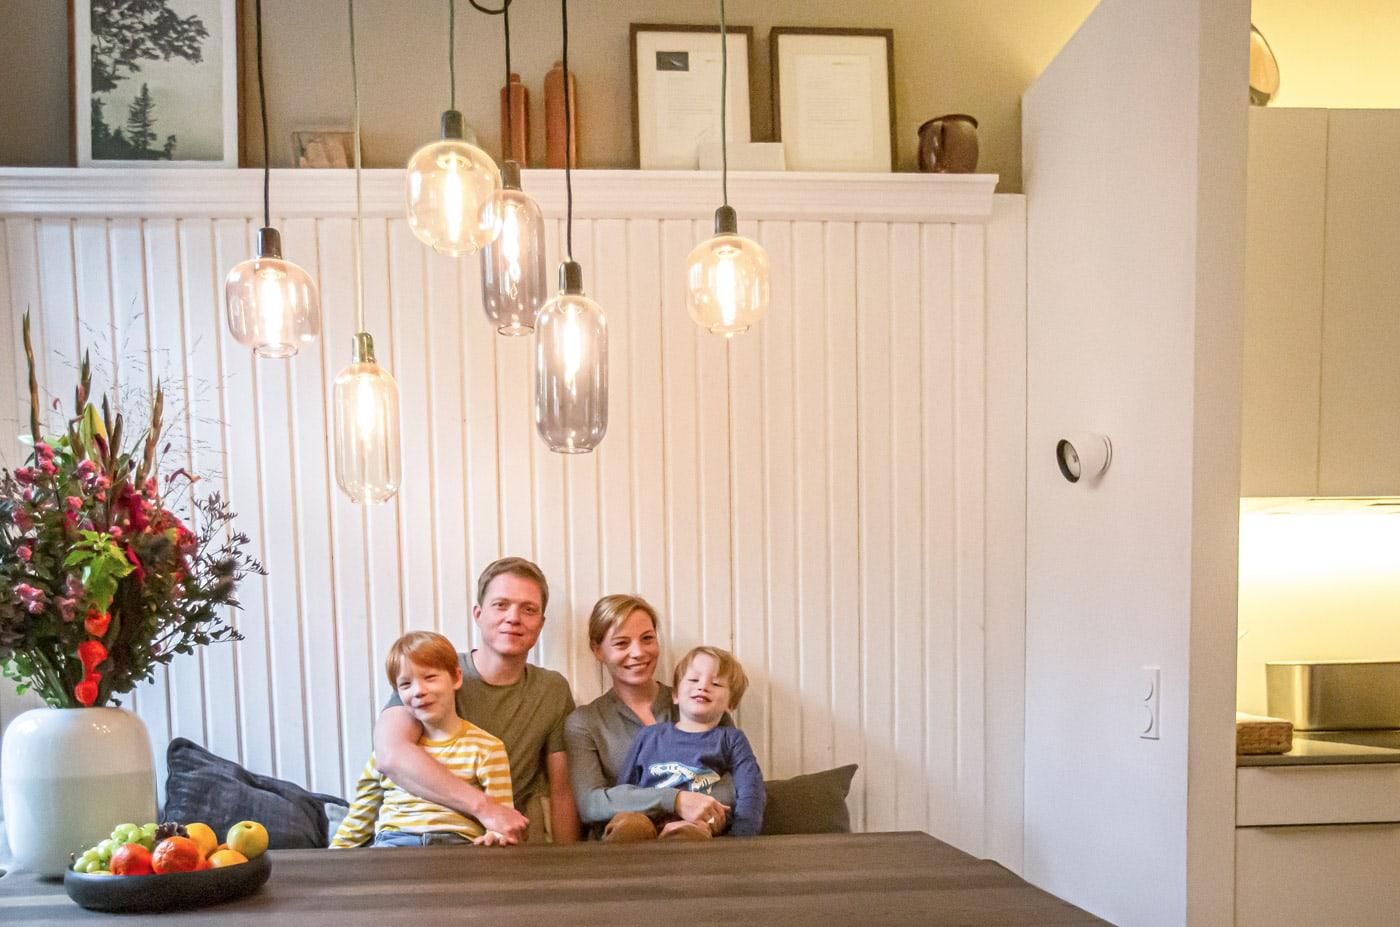 Umbau der Familienwohnung: Mehr Platz schaffen // HIMBEER